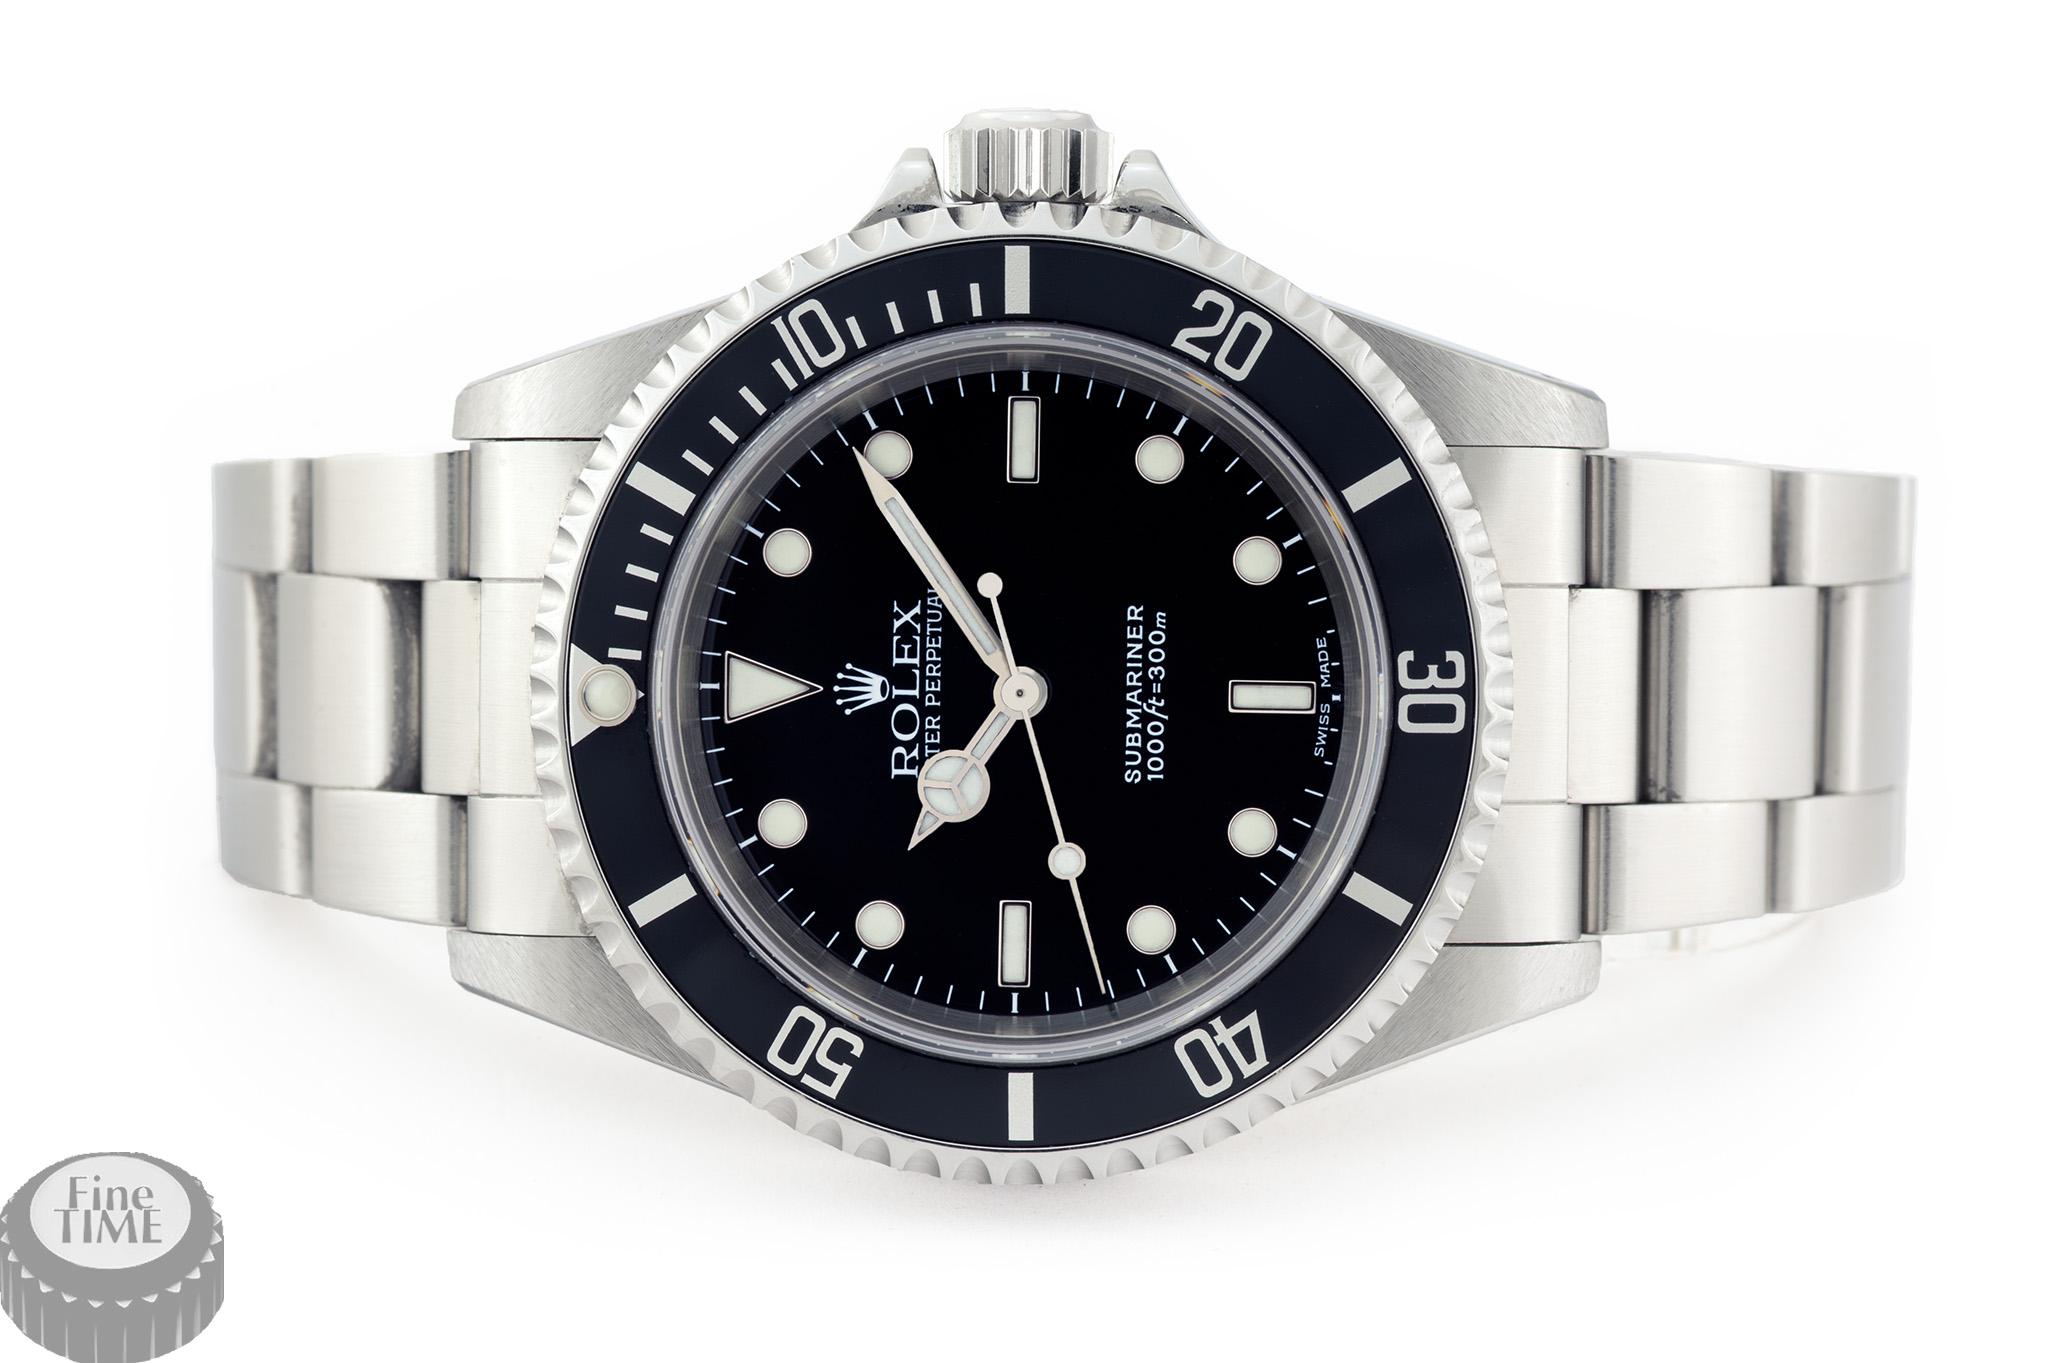 Rolex Submariner 14060M Y serie dial